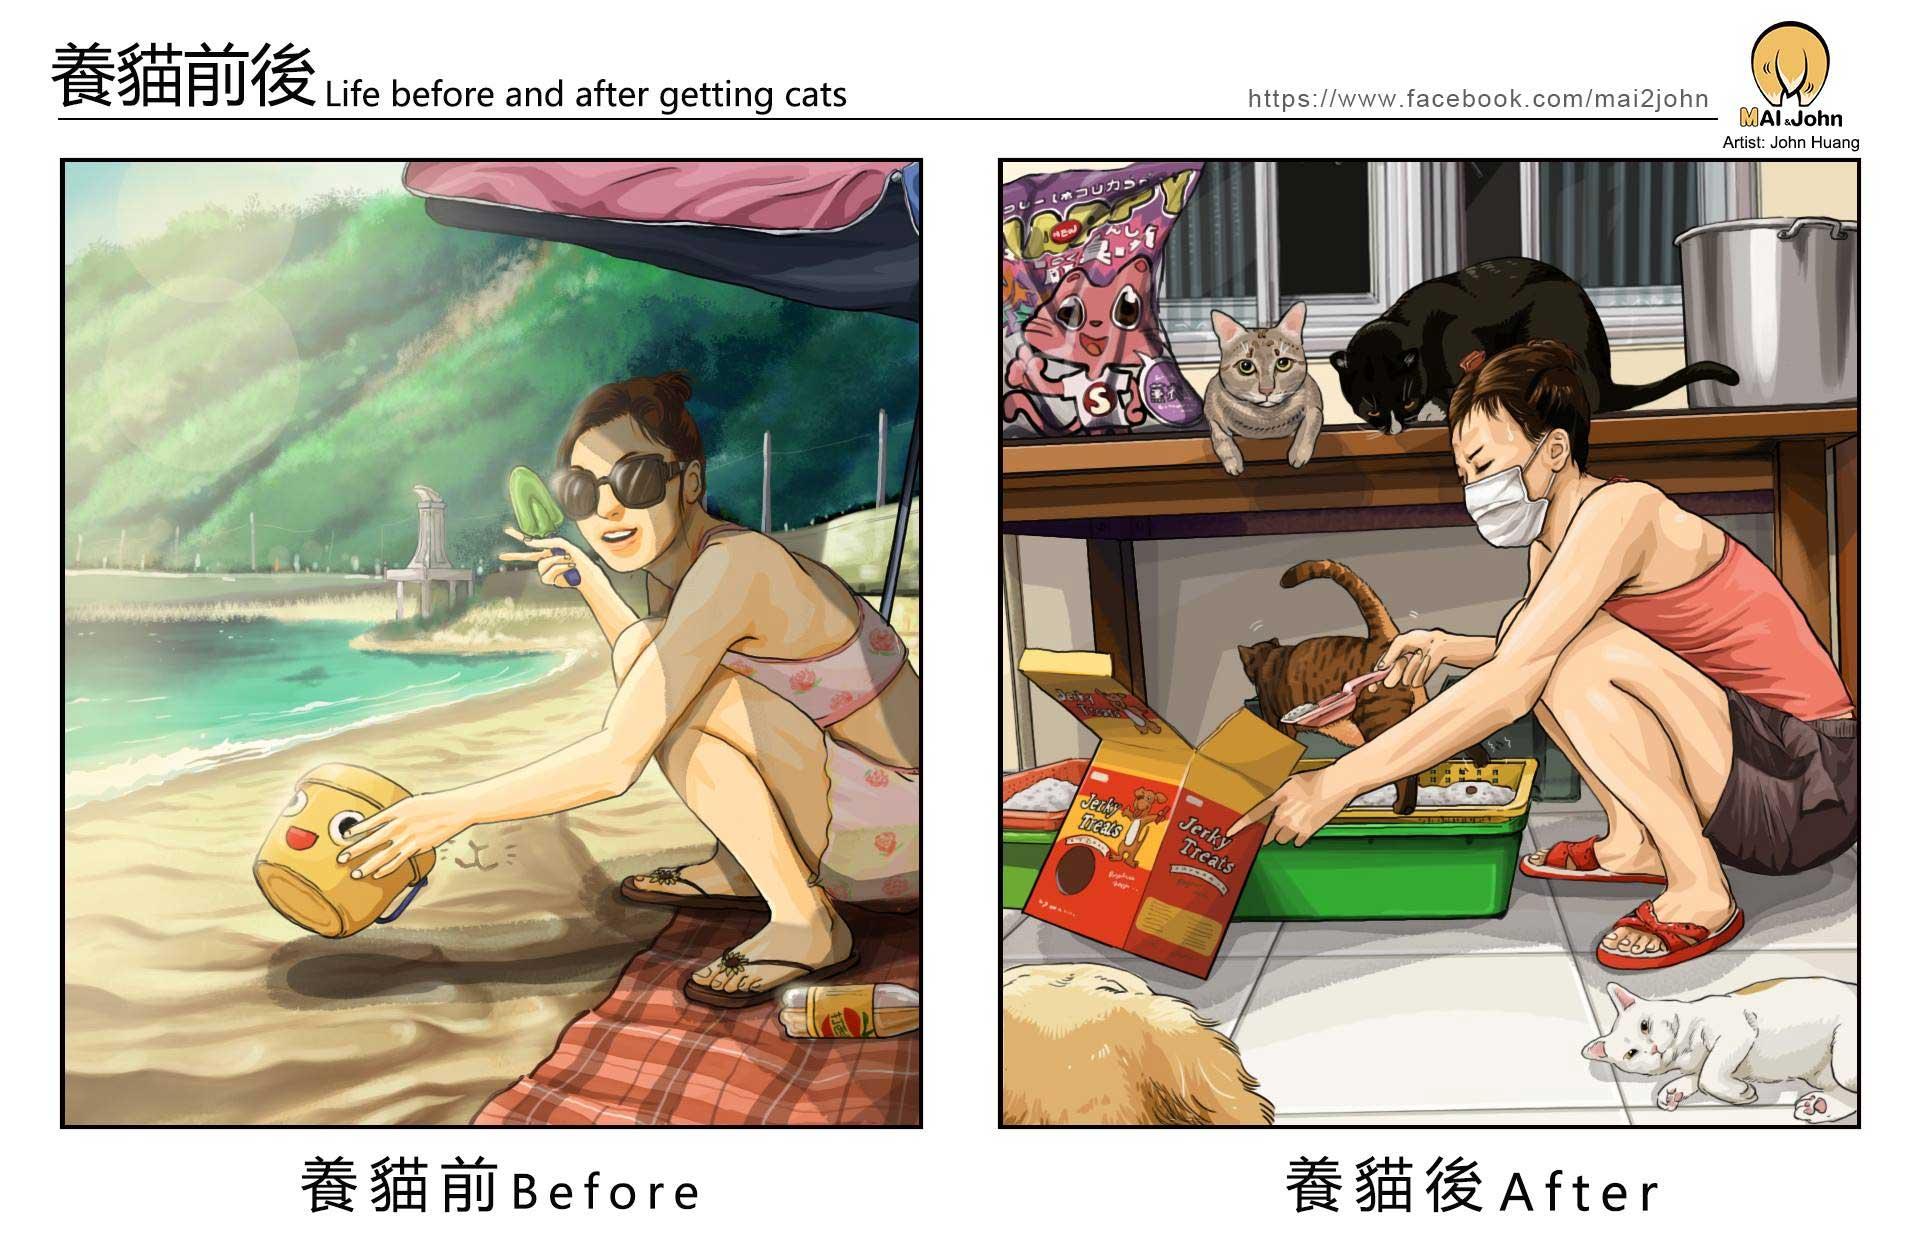 Das Leben vor und nach dem Anschaffen von Haustieren maijohn-life-with-pets_03